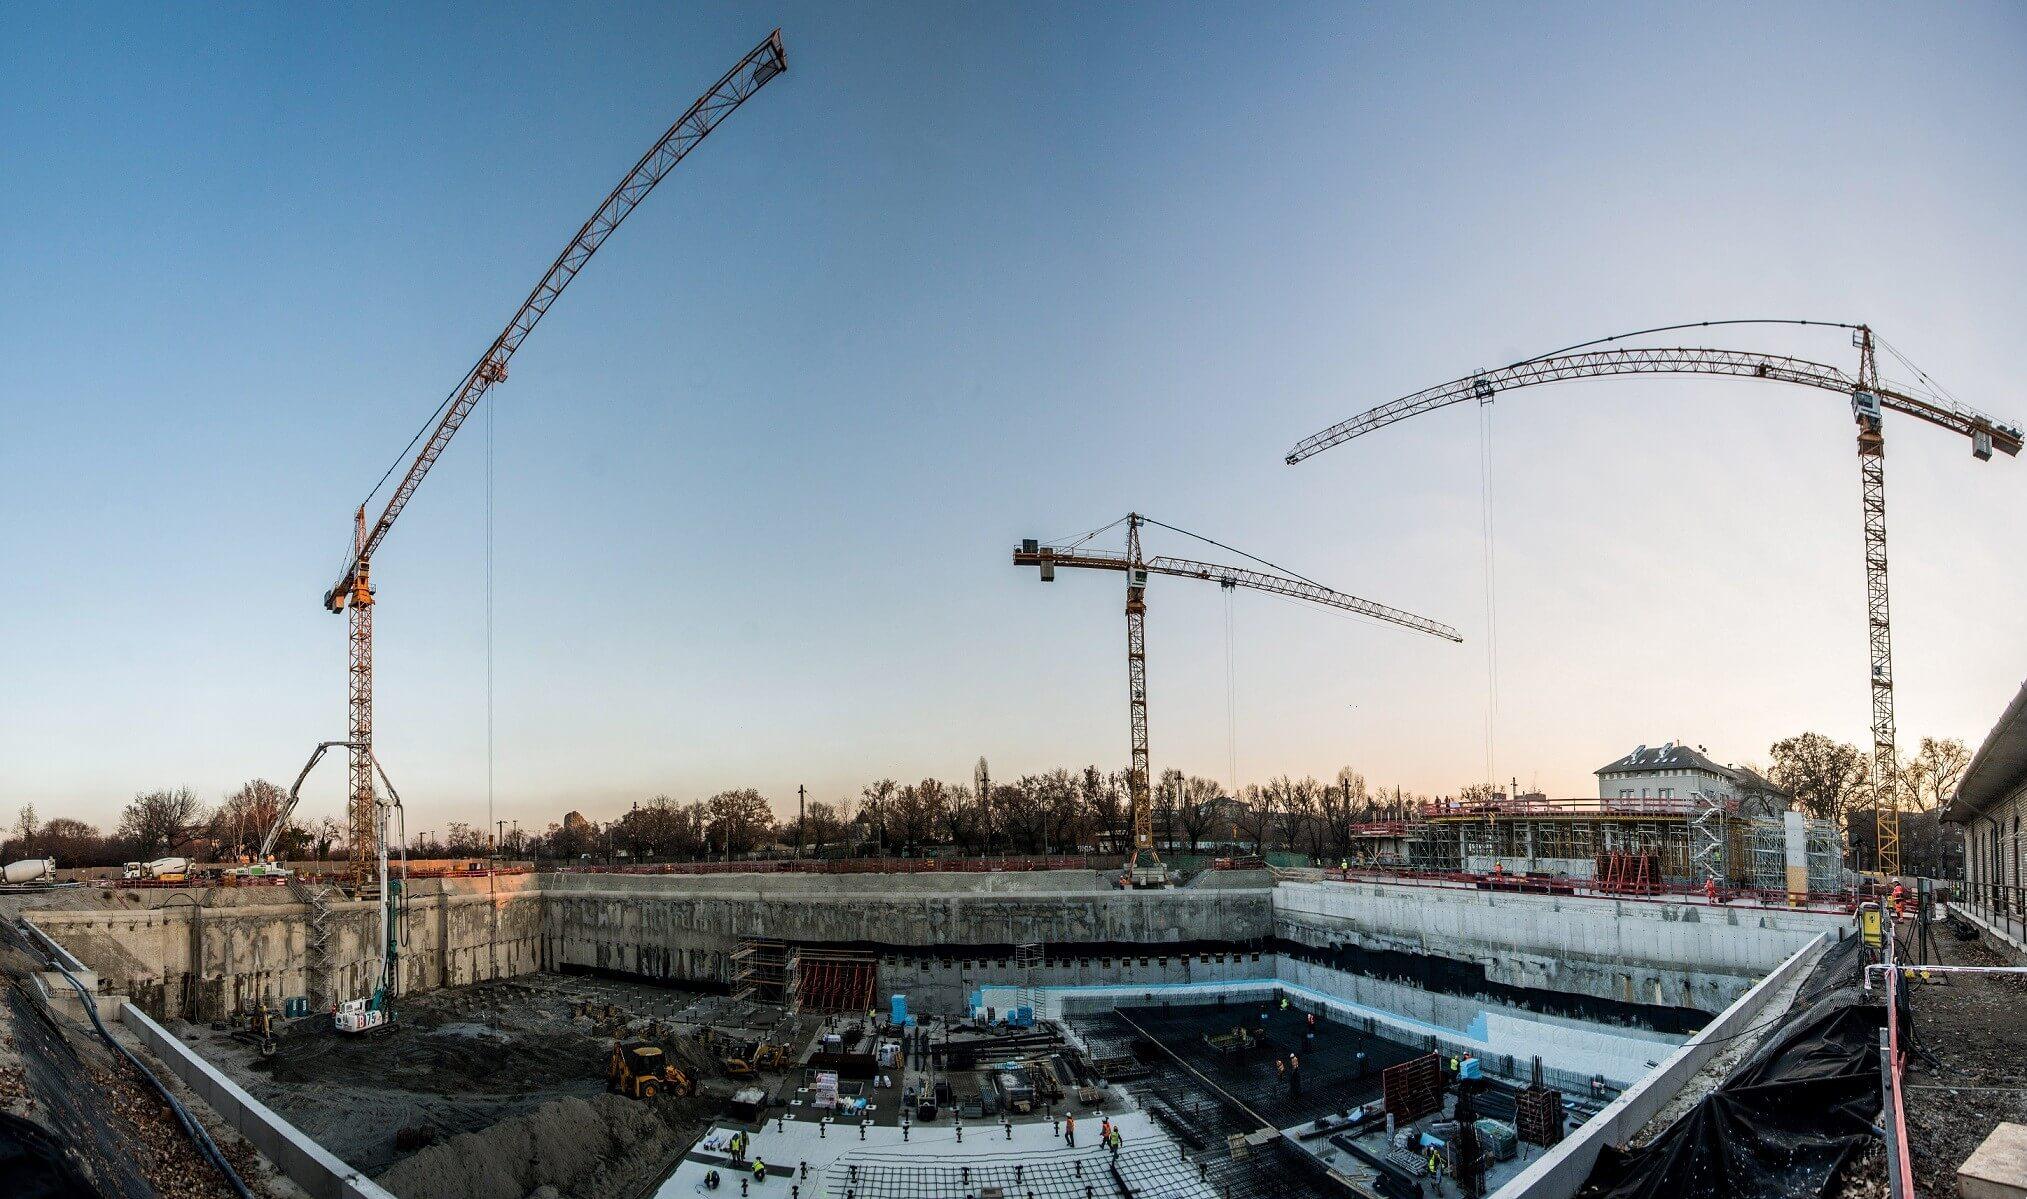 350 ezer műtárgy otthona: egyre több részlet derül ki az épülő OMRRK-ról